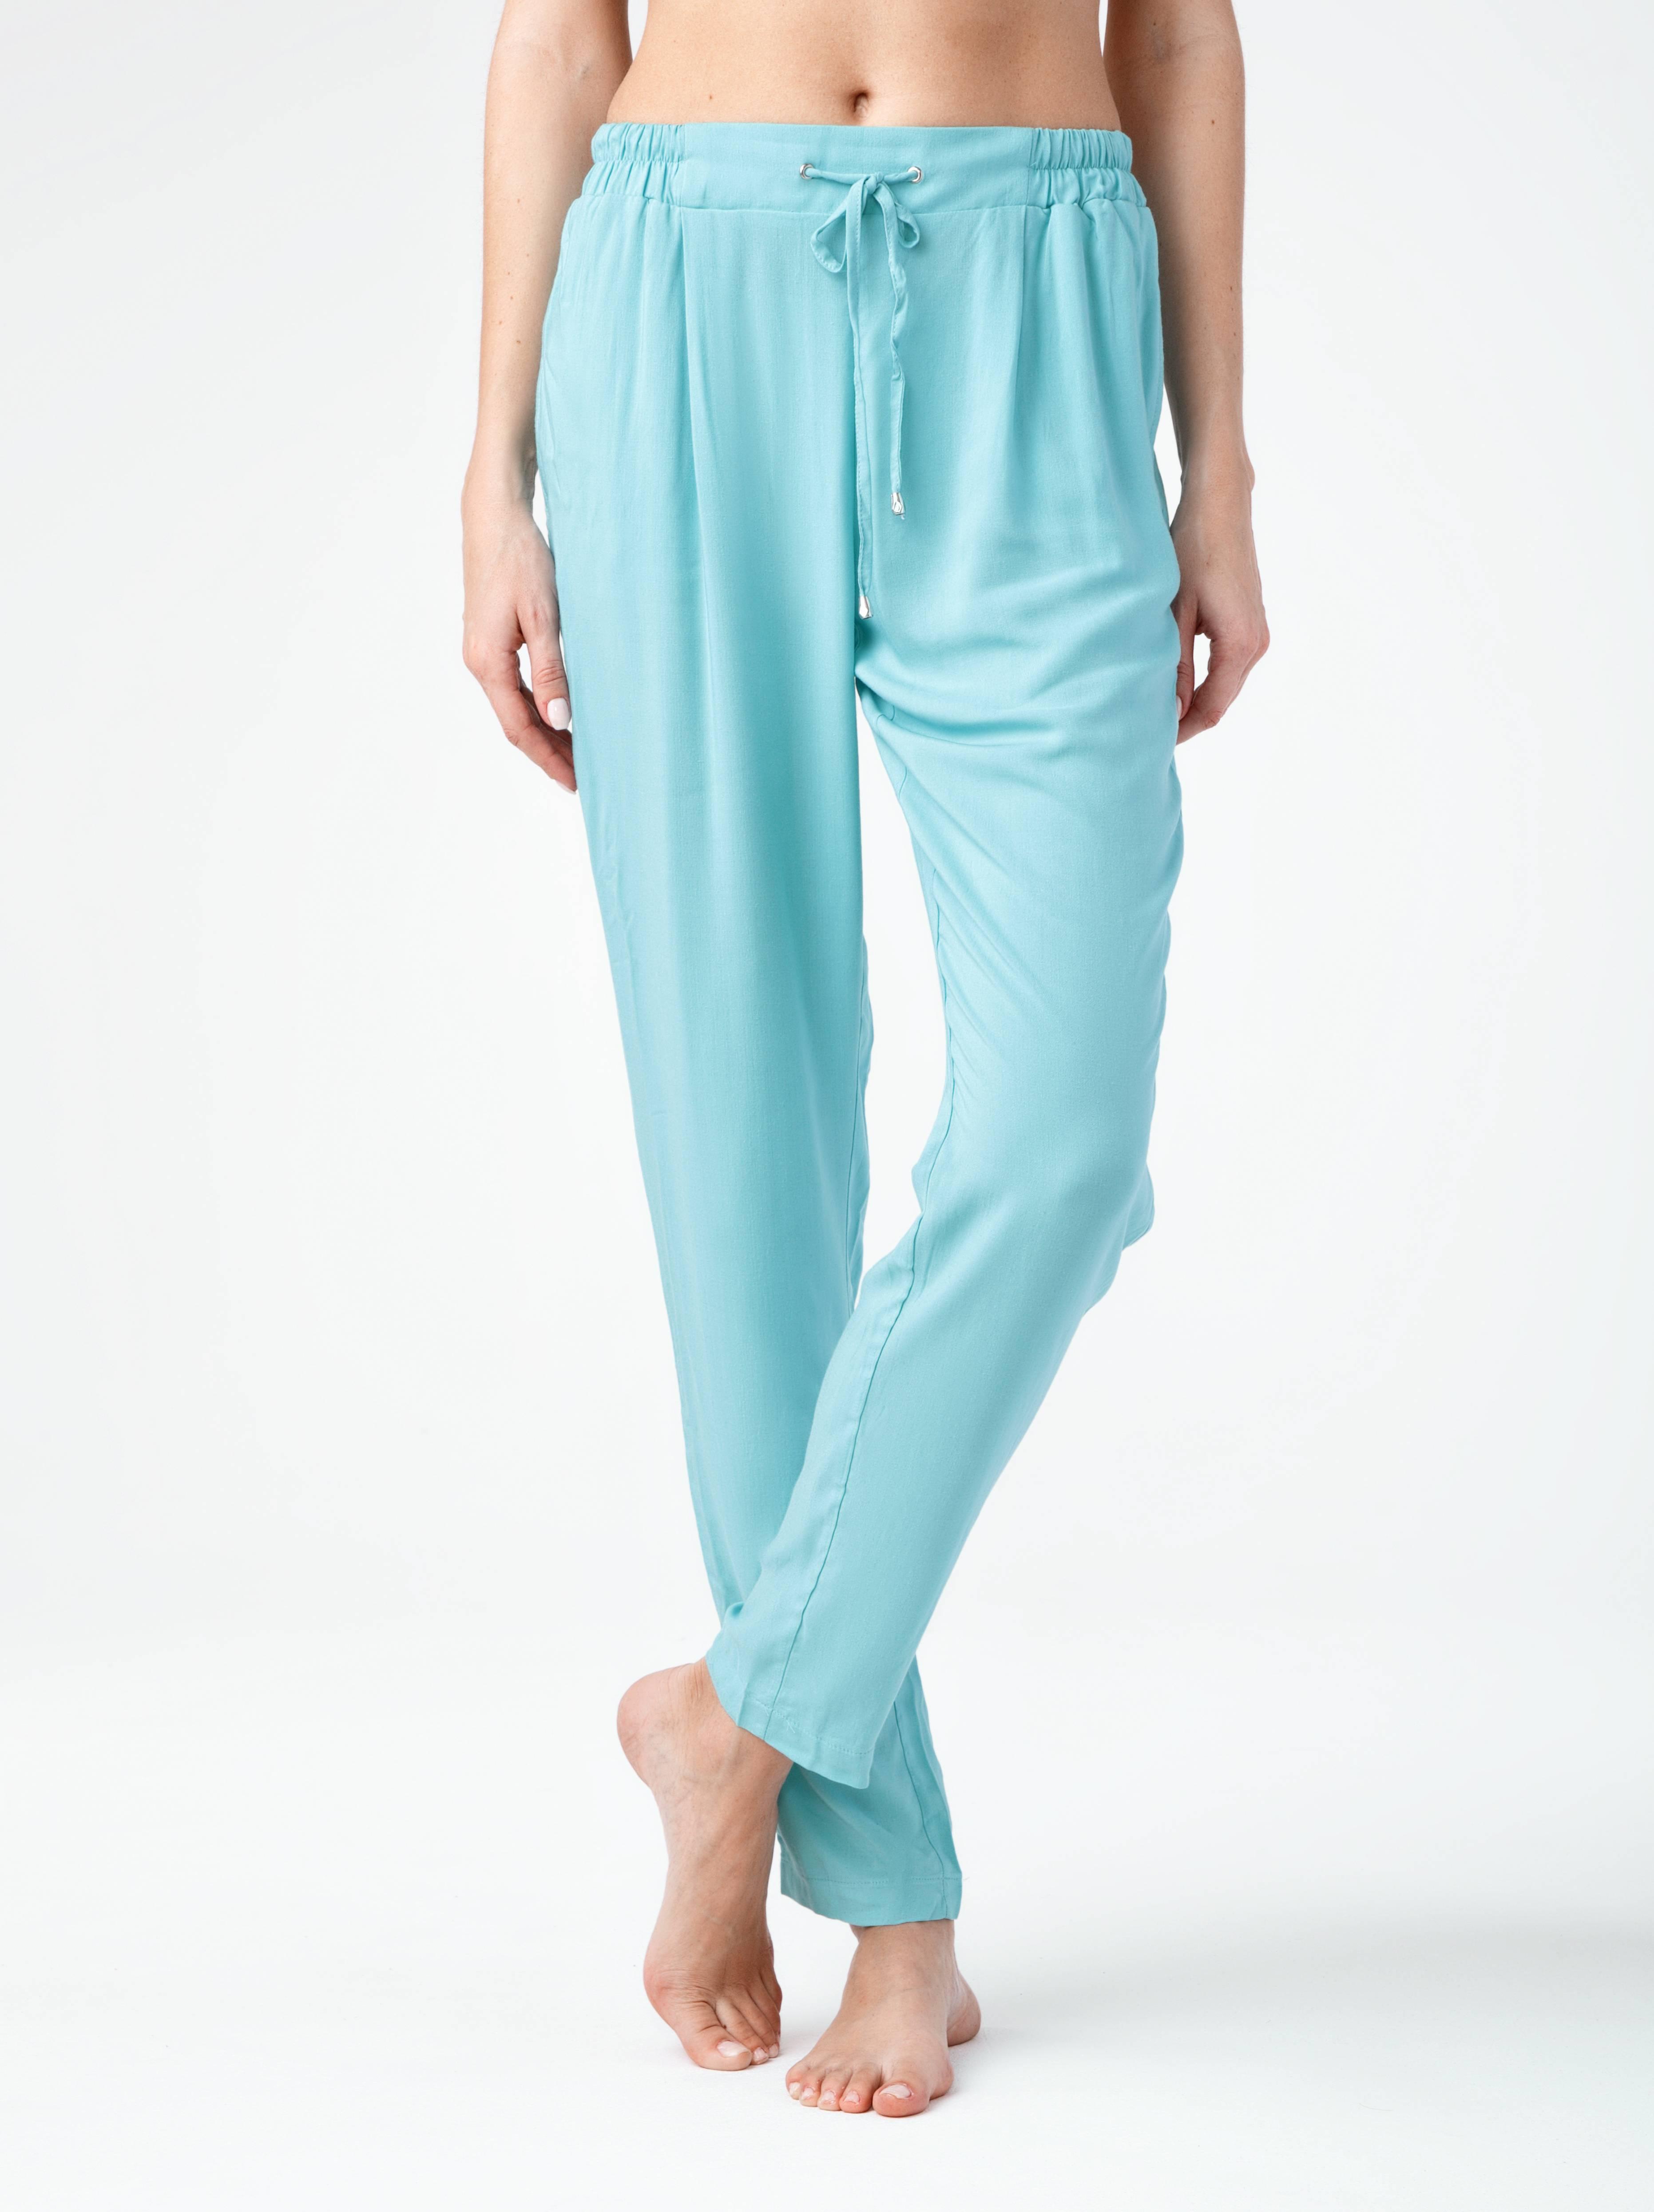 Брюки женские ⭐️ Легкие брюки свободного кроя MONTANA ⭐️